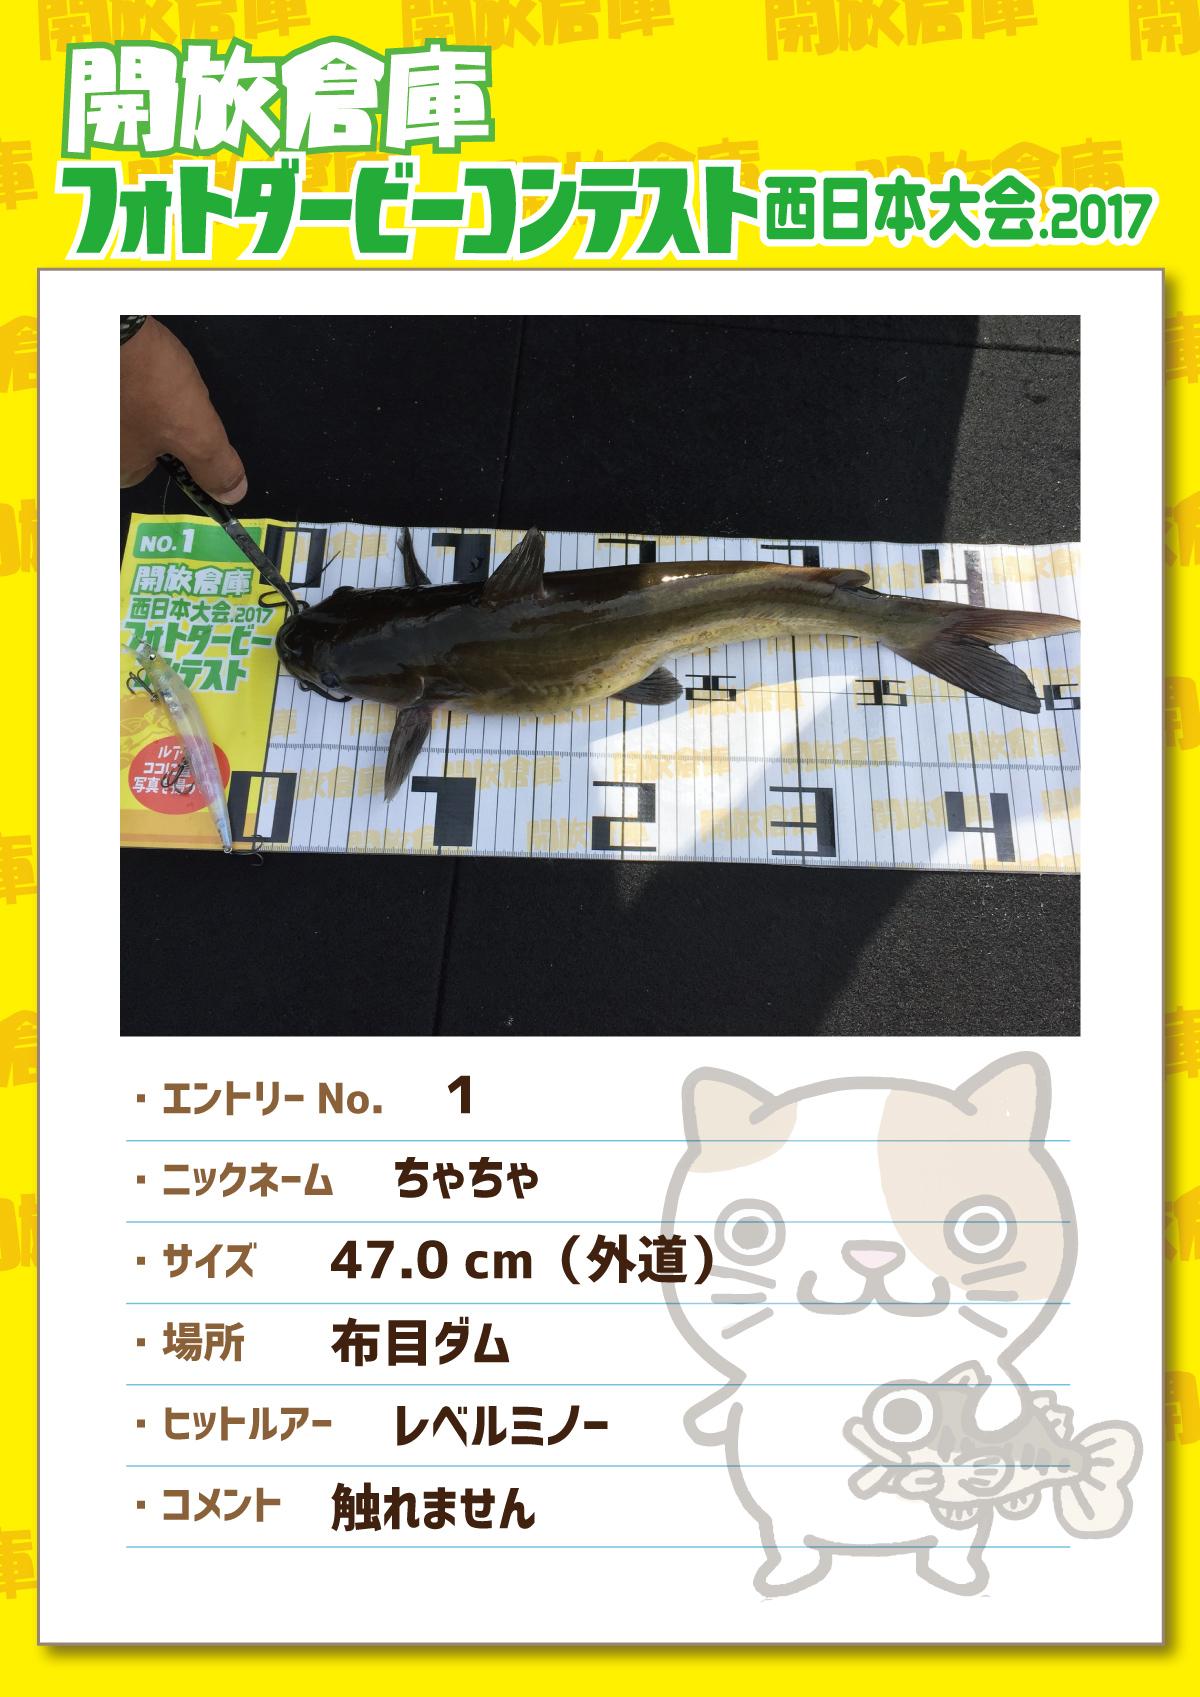 No.1 ちゃちゃ 47.0cm(外道) 布目ダム レベルミノー 触れません